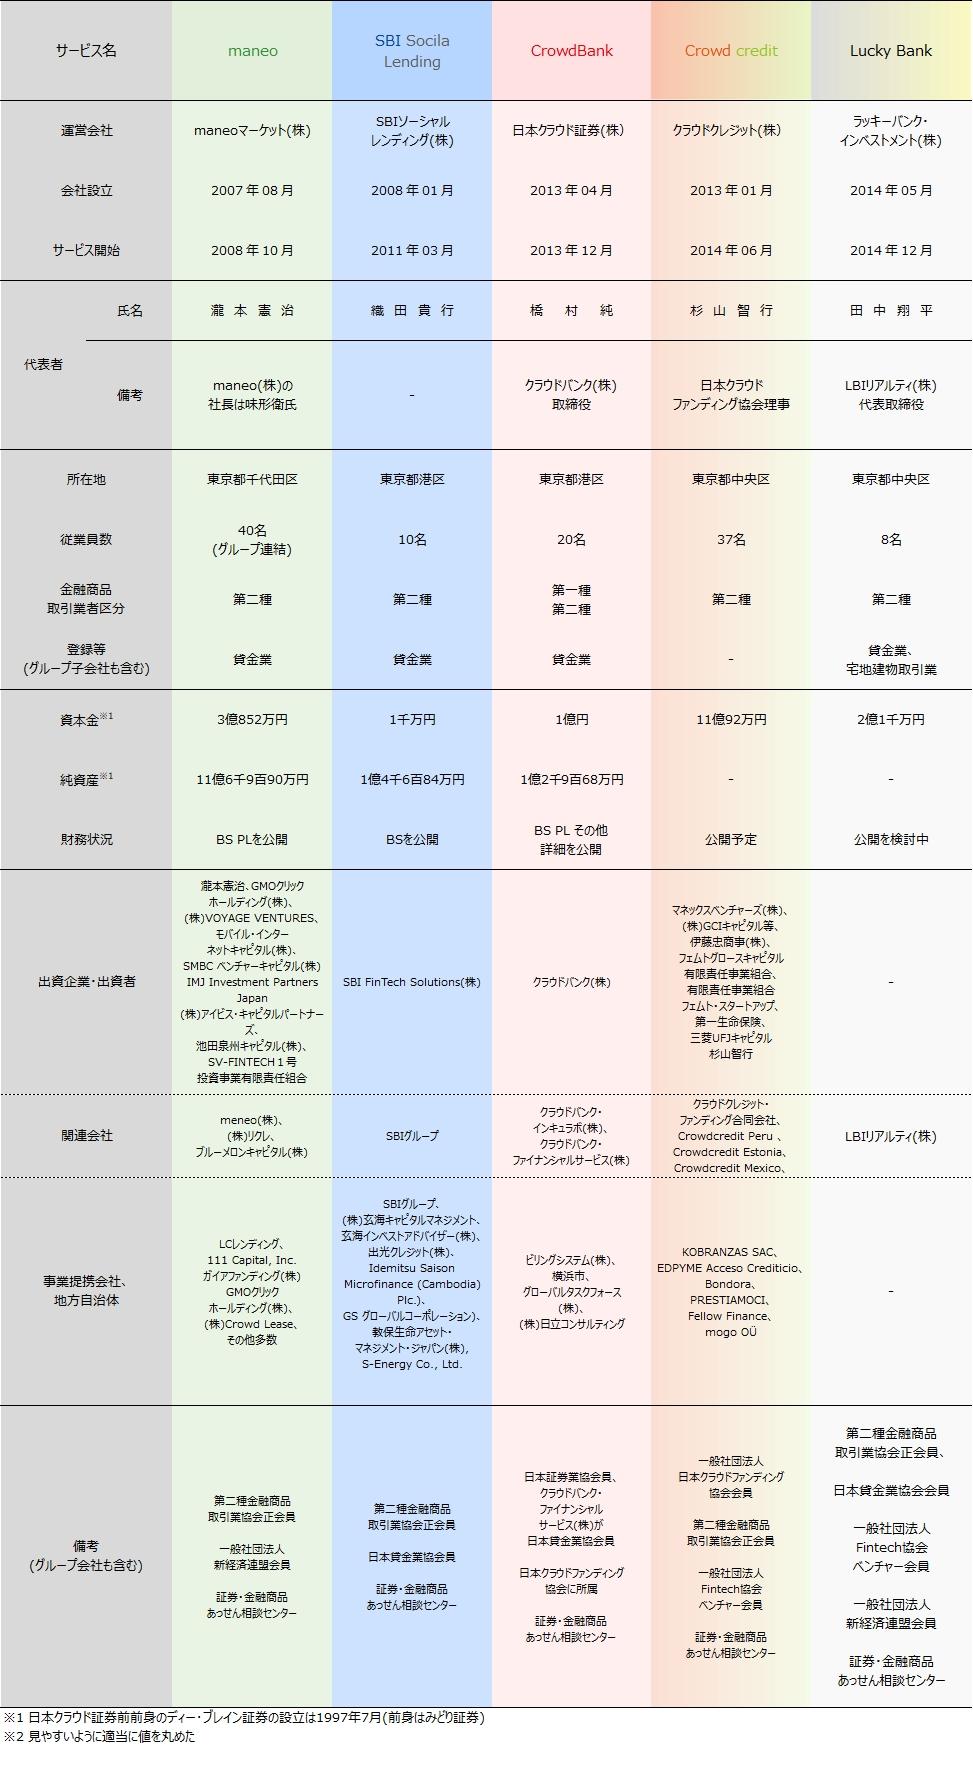 01_ソーシャルレンディング各社比較2018年9月期